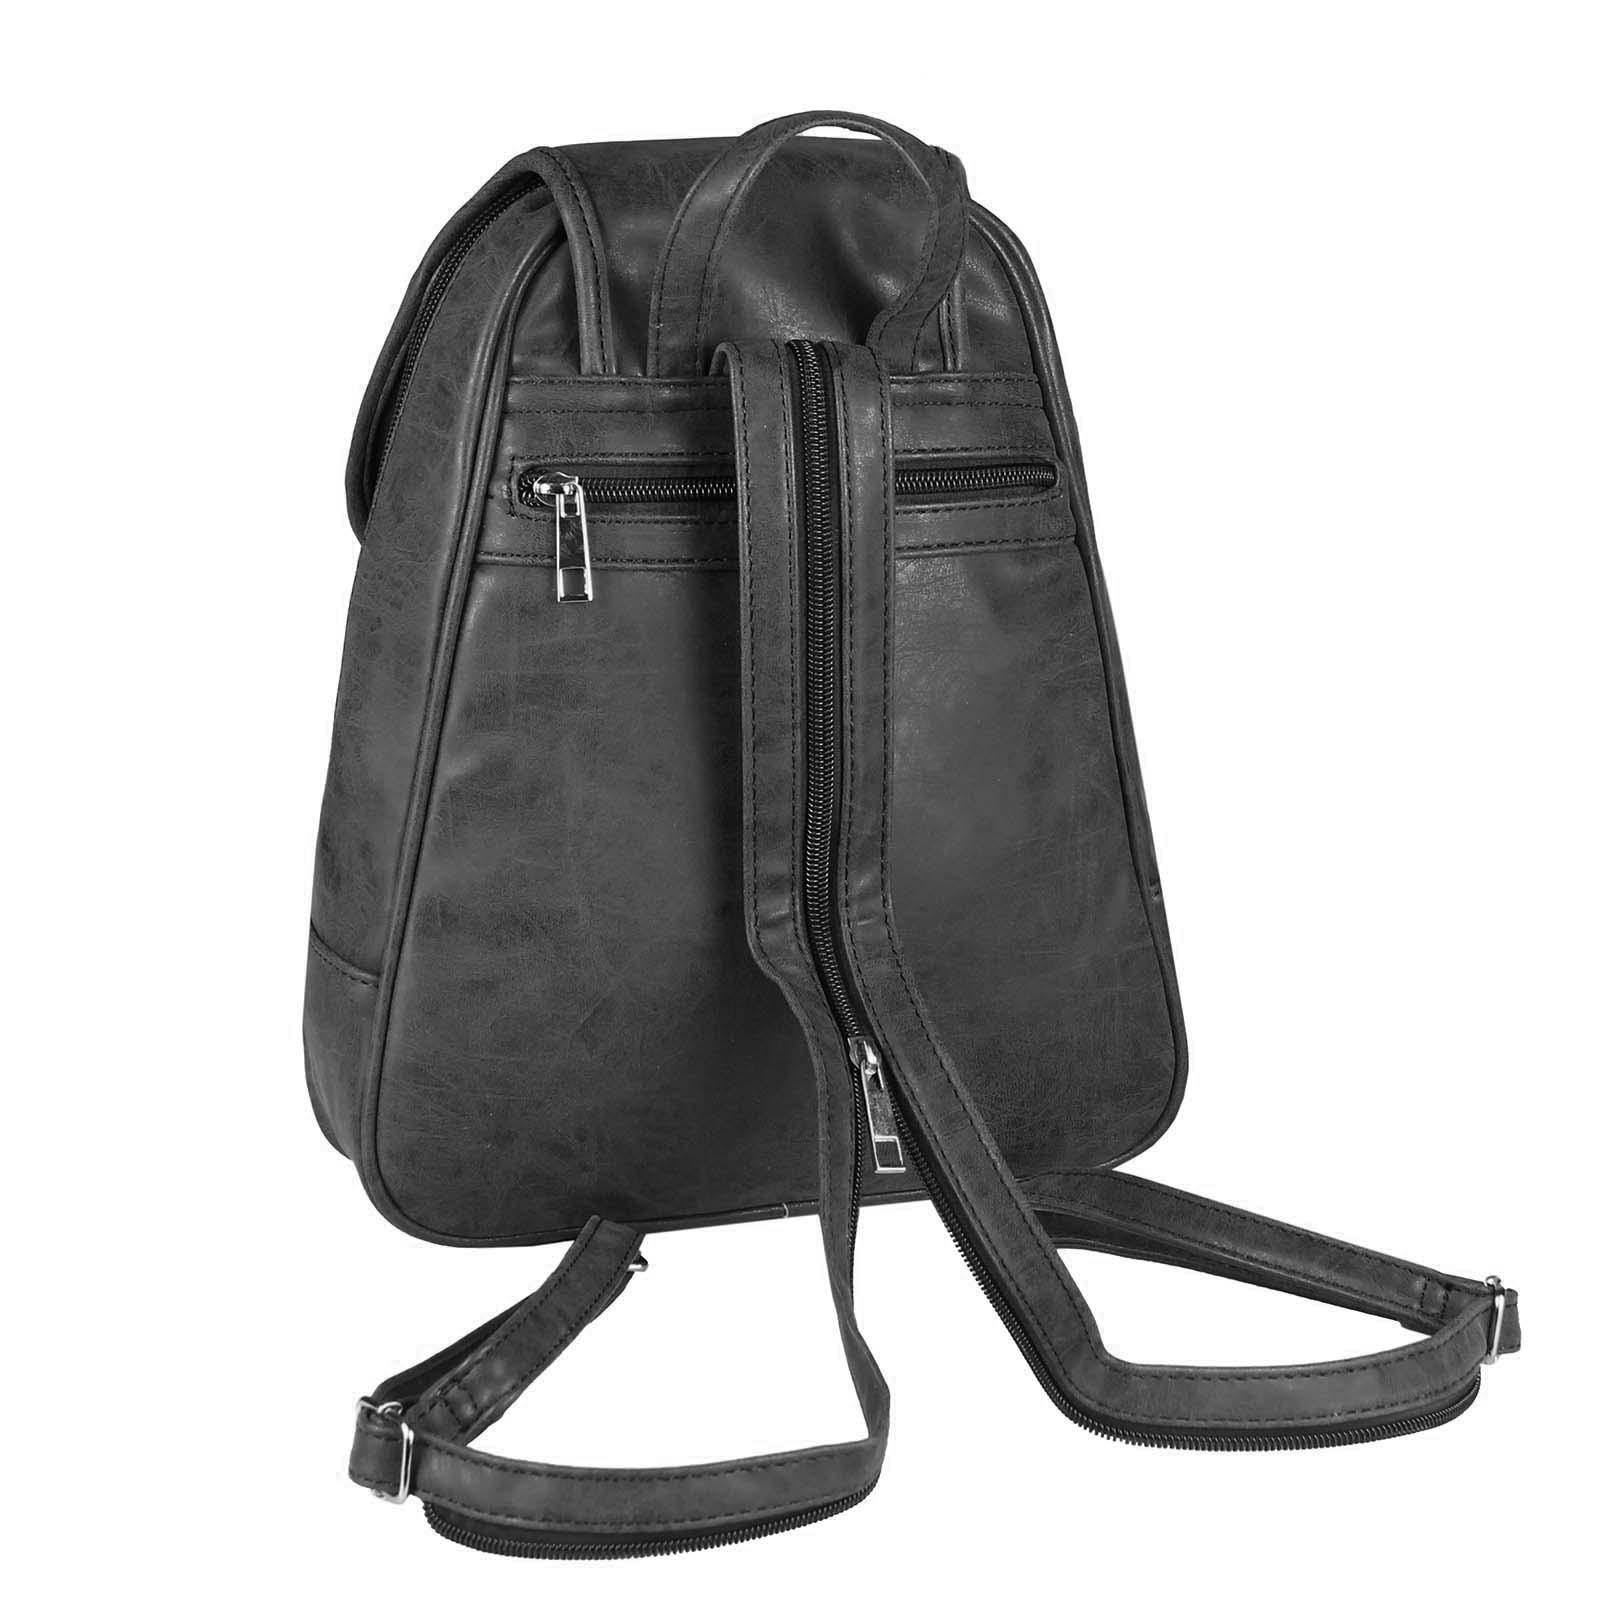 a045e48a447a3 DAMEN Stadt-RUCKSACK Schulter-Tasche BackPack Leder Optik freizeit ...